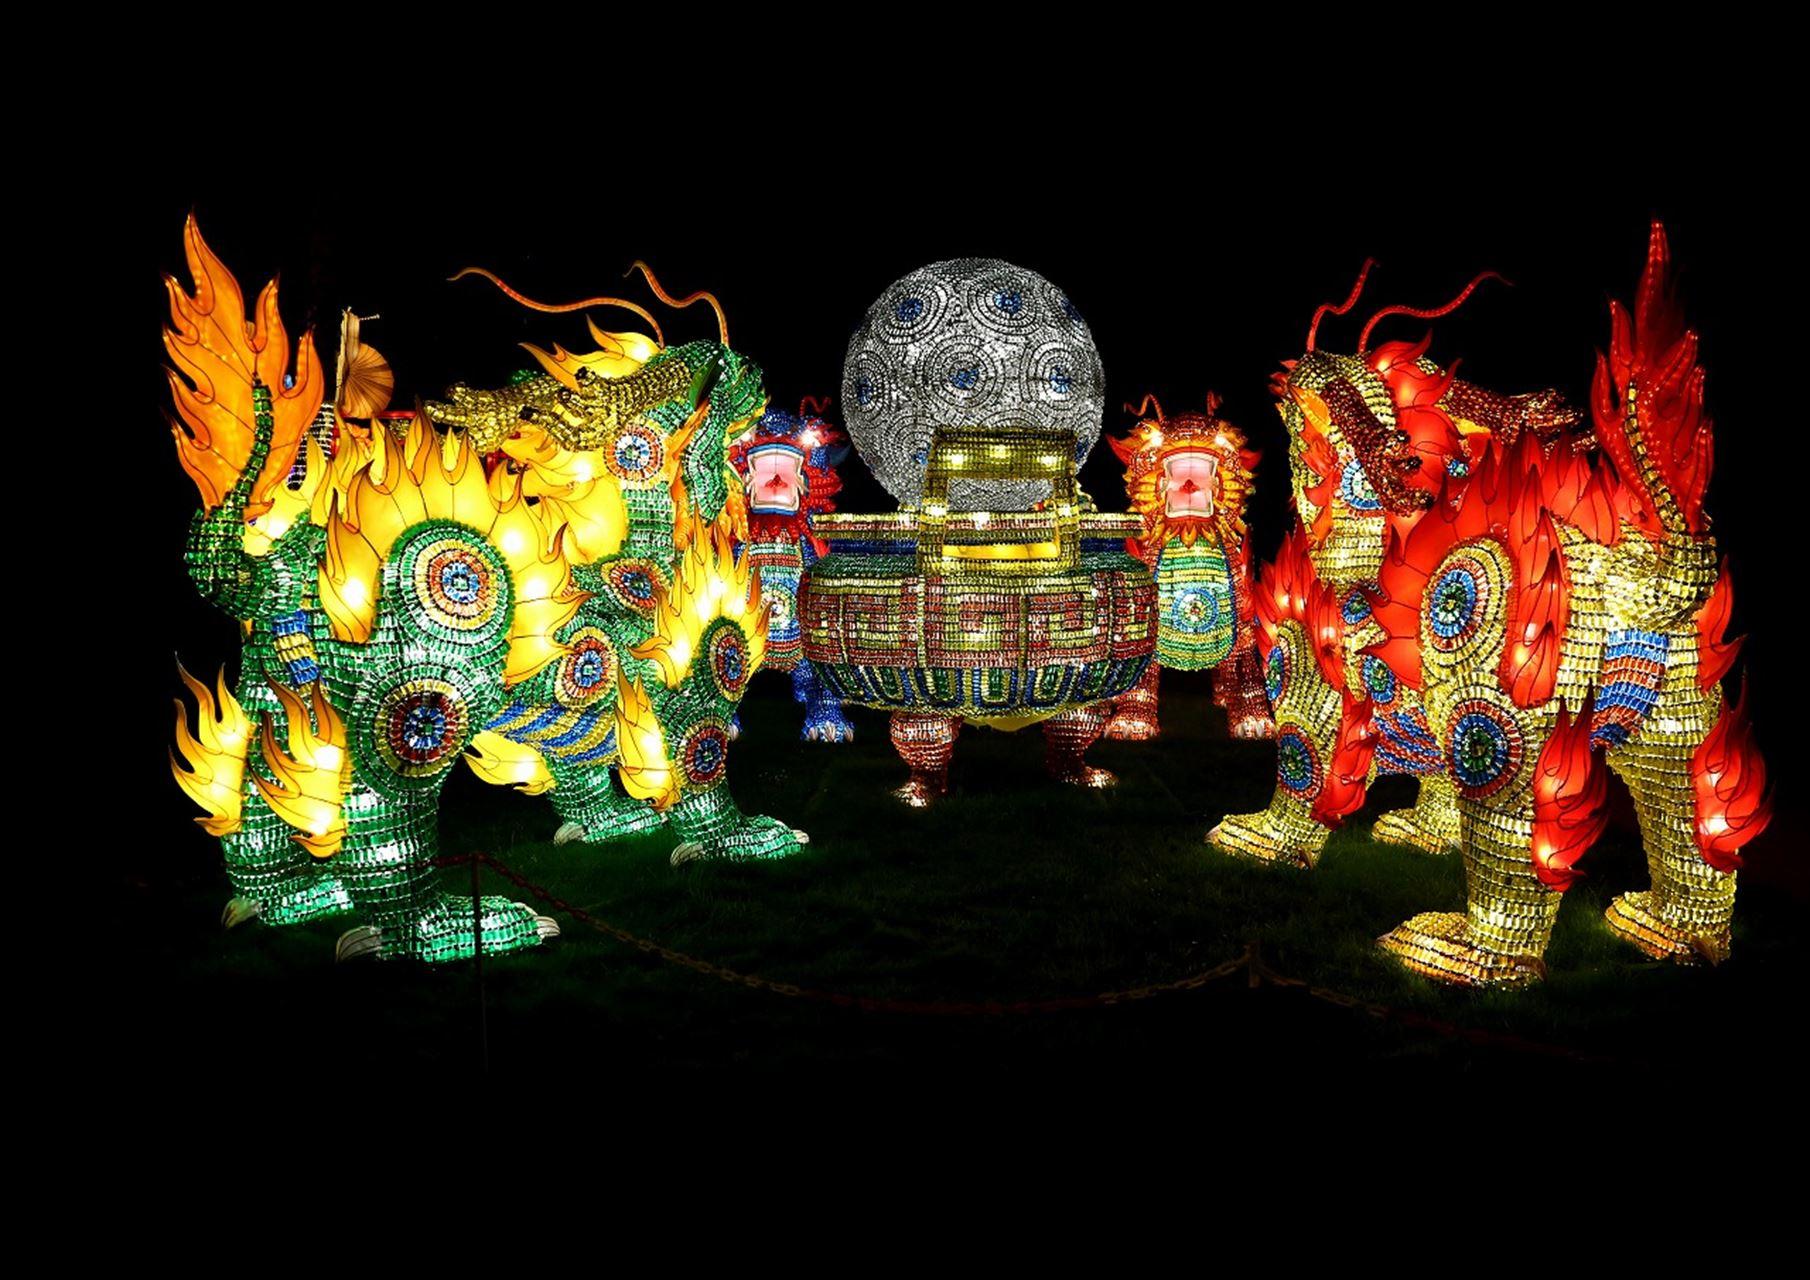 壮大なスケール!「チャイナランタンフェスティバル」が日本に初お目見え